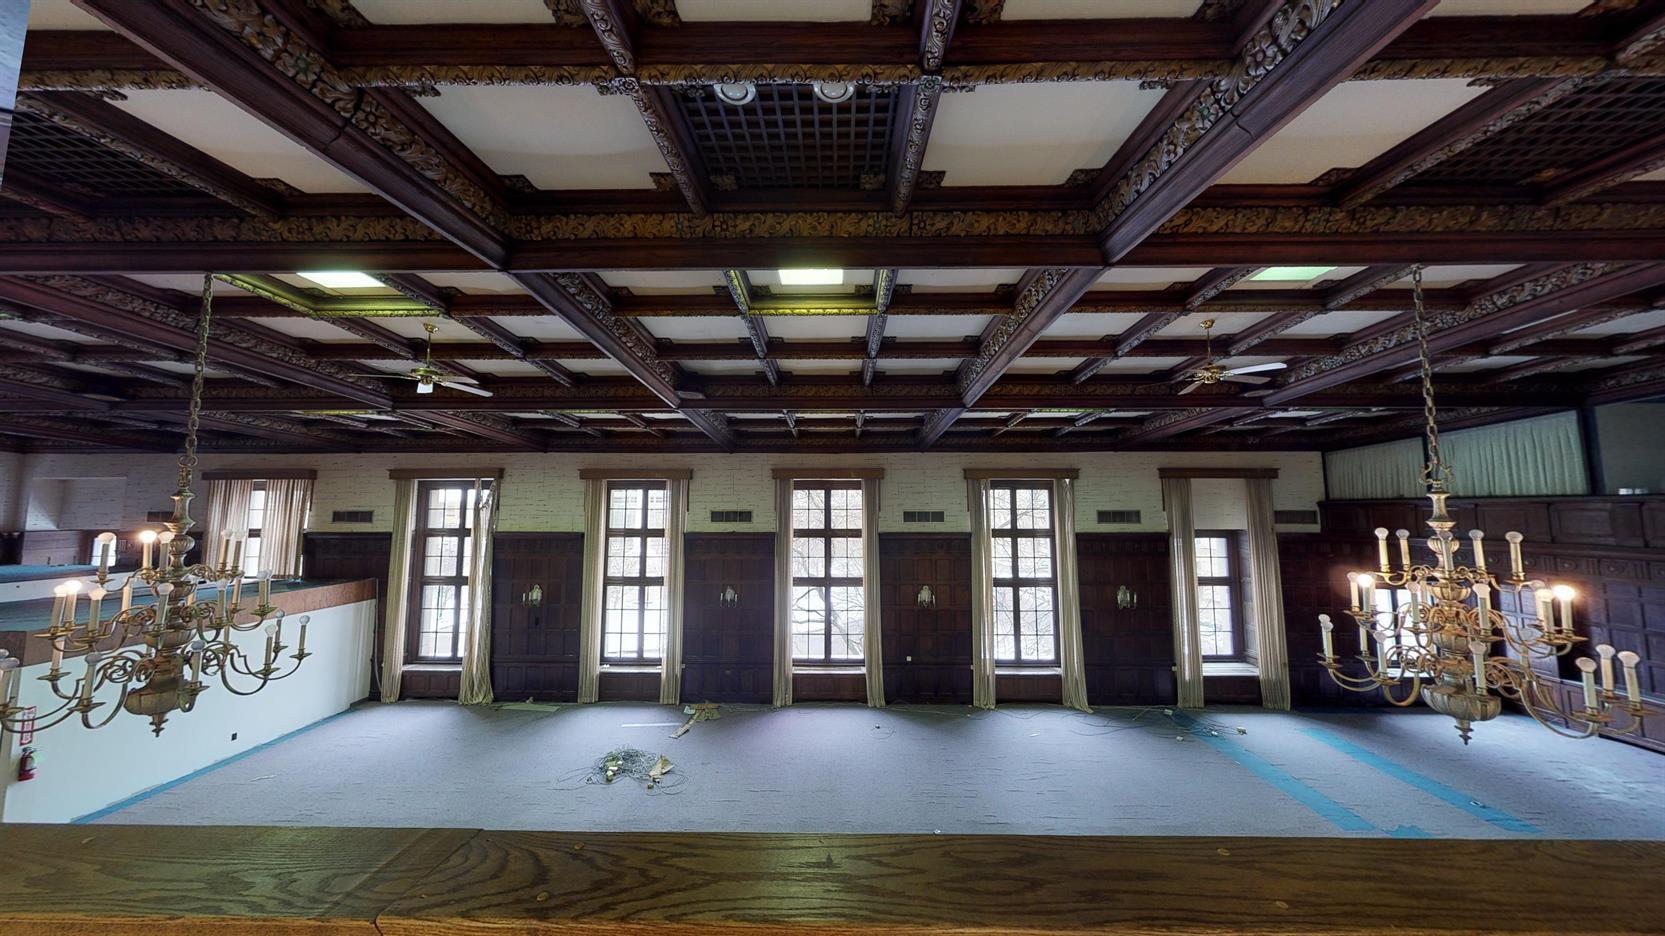 Property image - Athletic Club of Buffalo